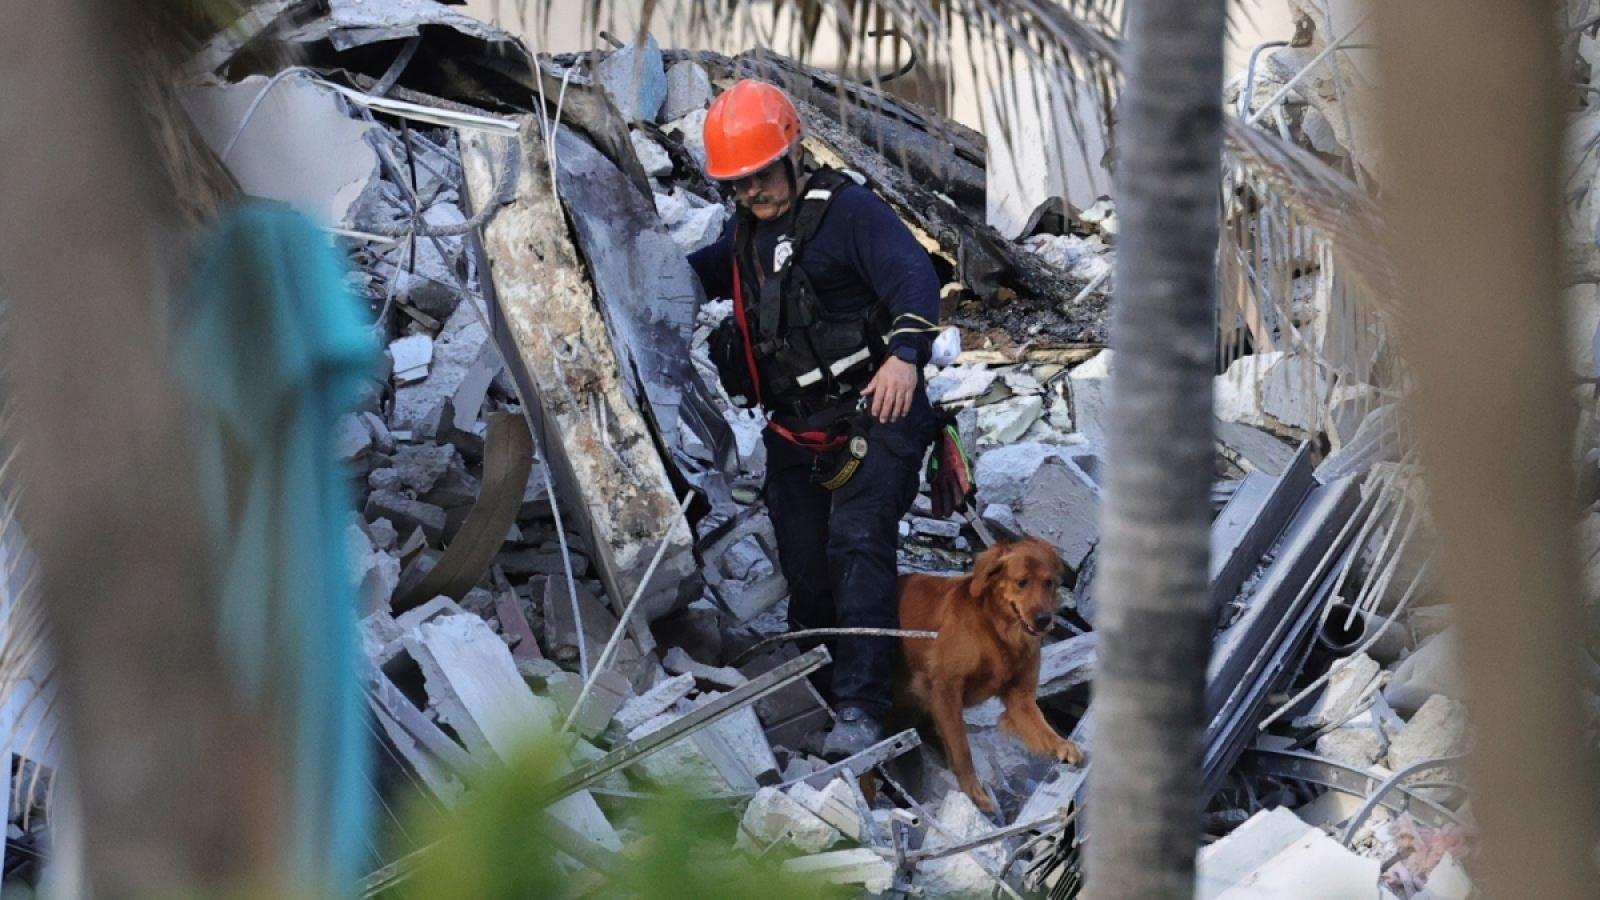 Số nạn nhân trong vụ sập tòa nhà chung cư ở Mỹ tiếp tục tăng